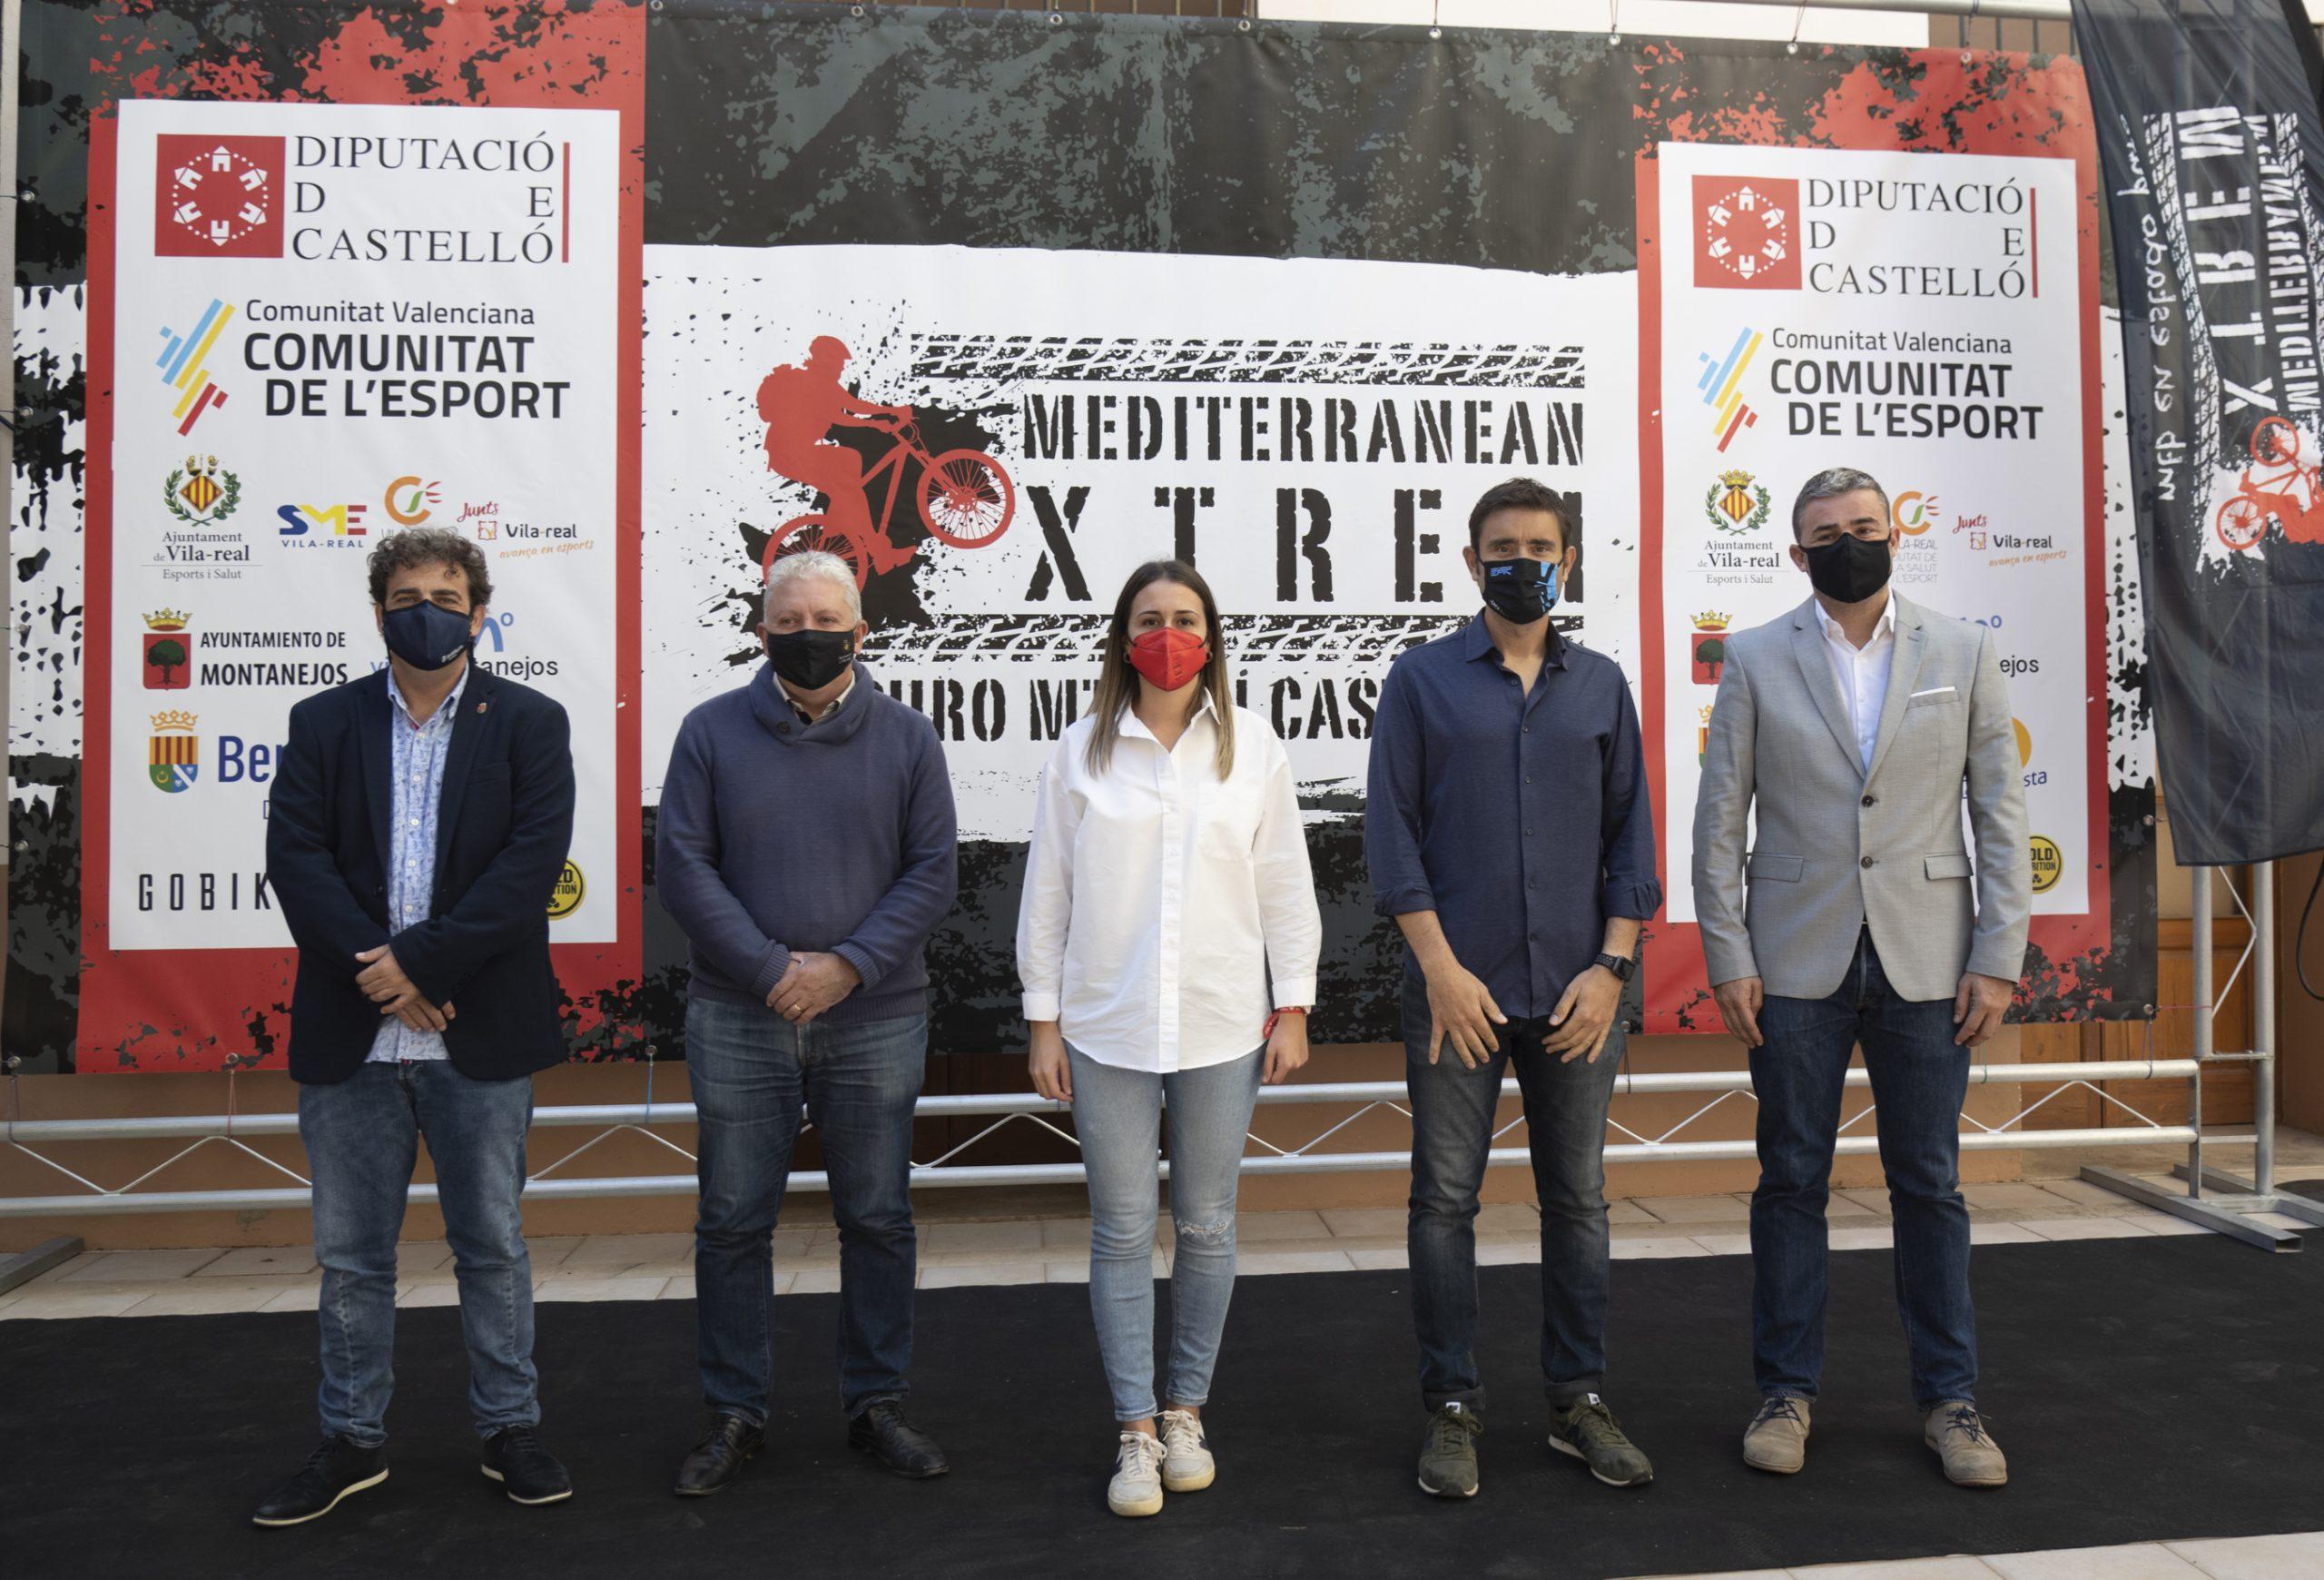 La Diputación de Castellón impulsa con 35.000 euros la séptima edición de la marcha cicloturista Mediterranean Xtrem